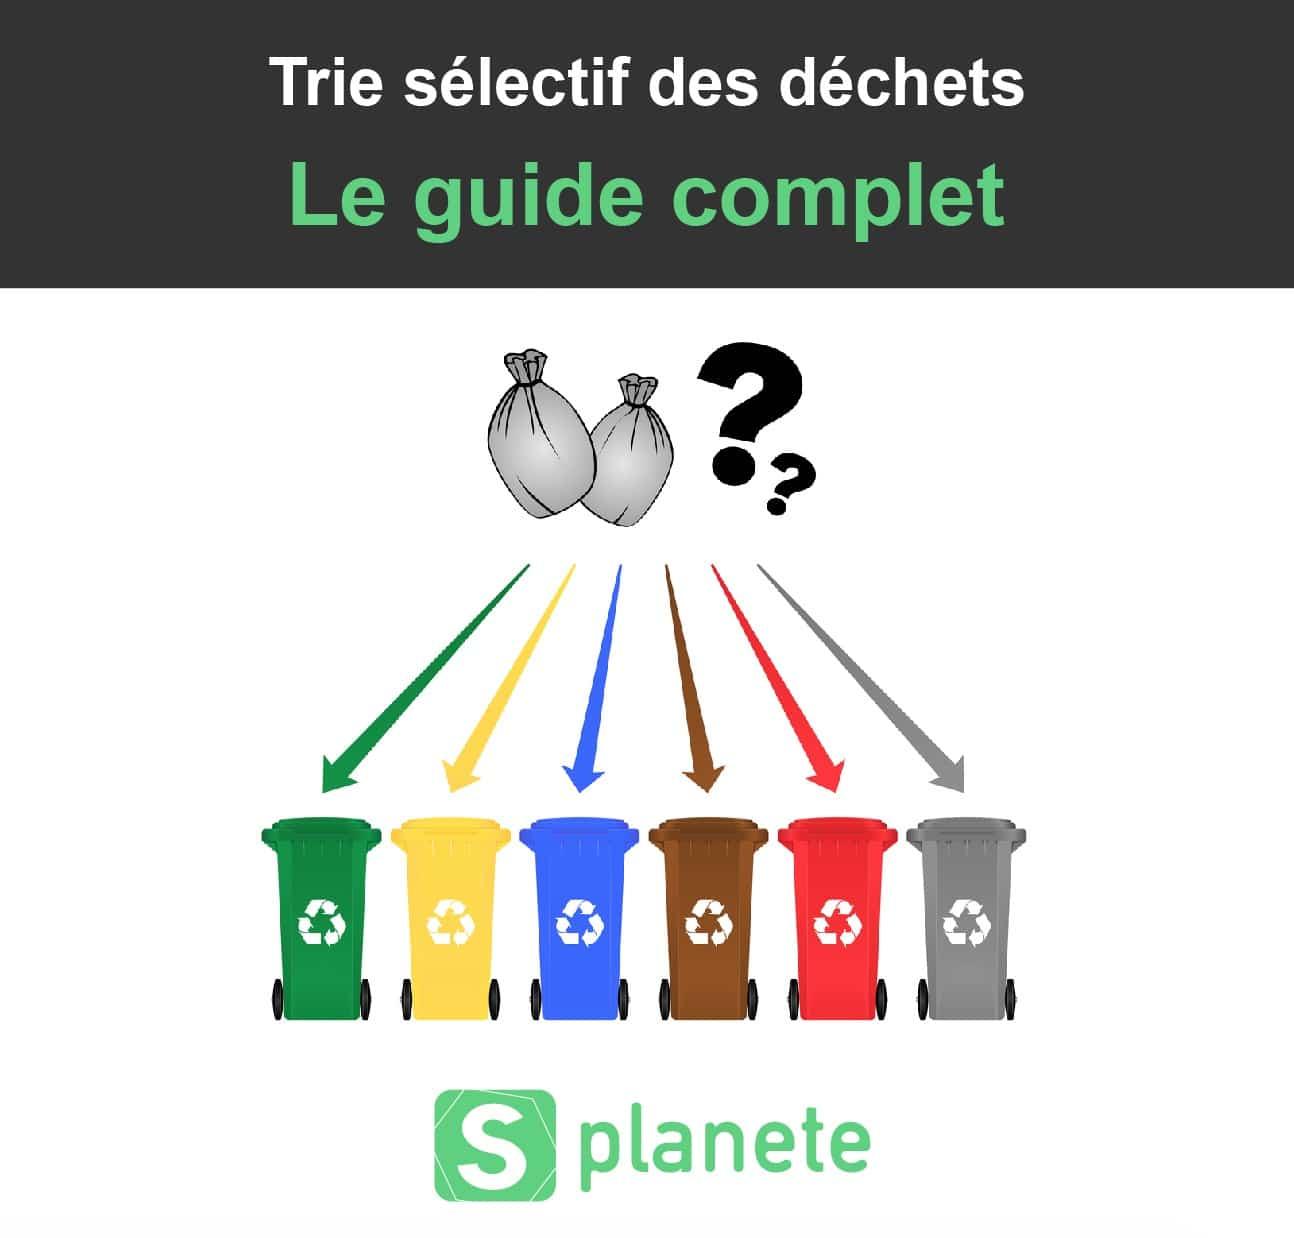 le guide complet du trie sélectif